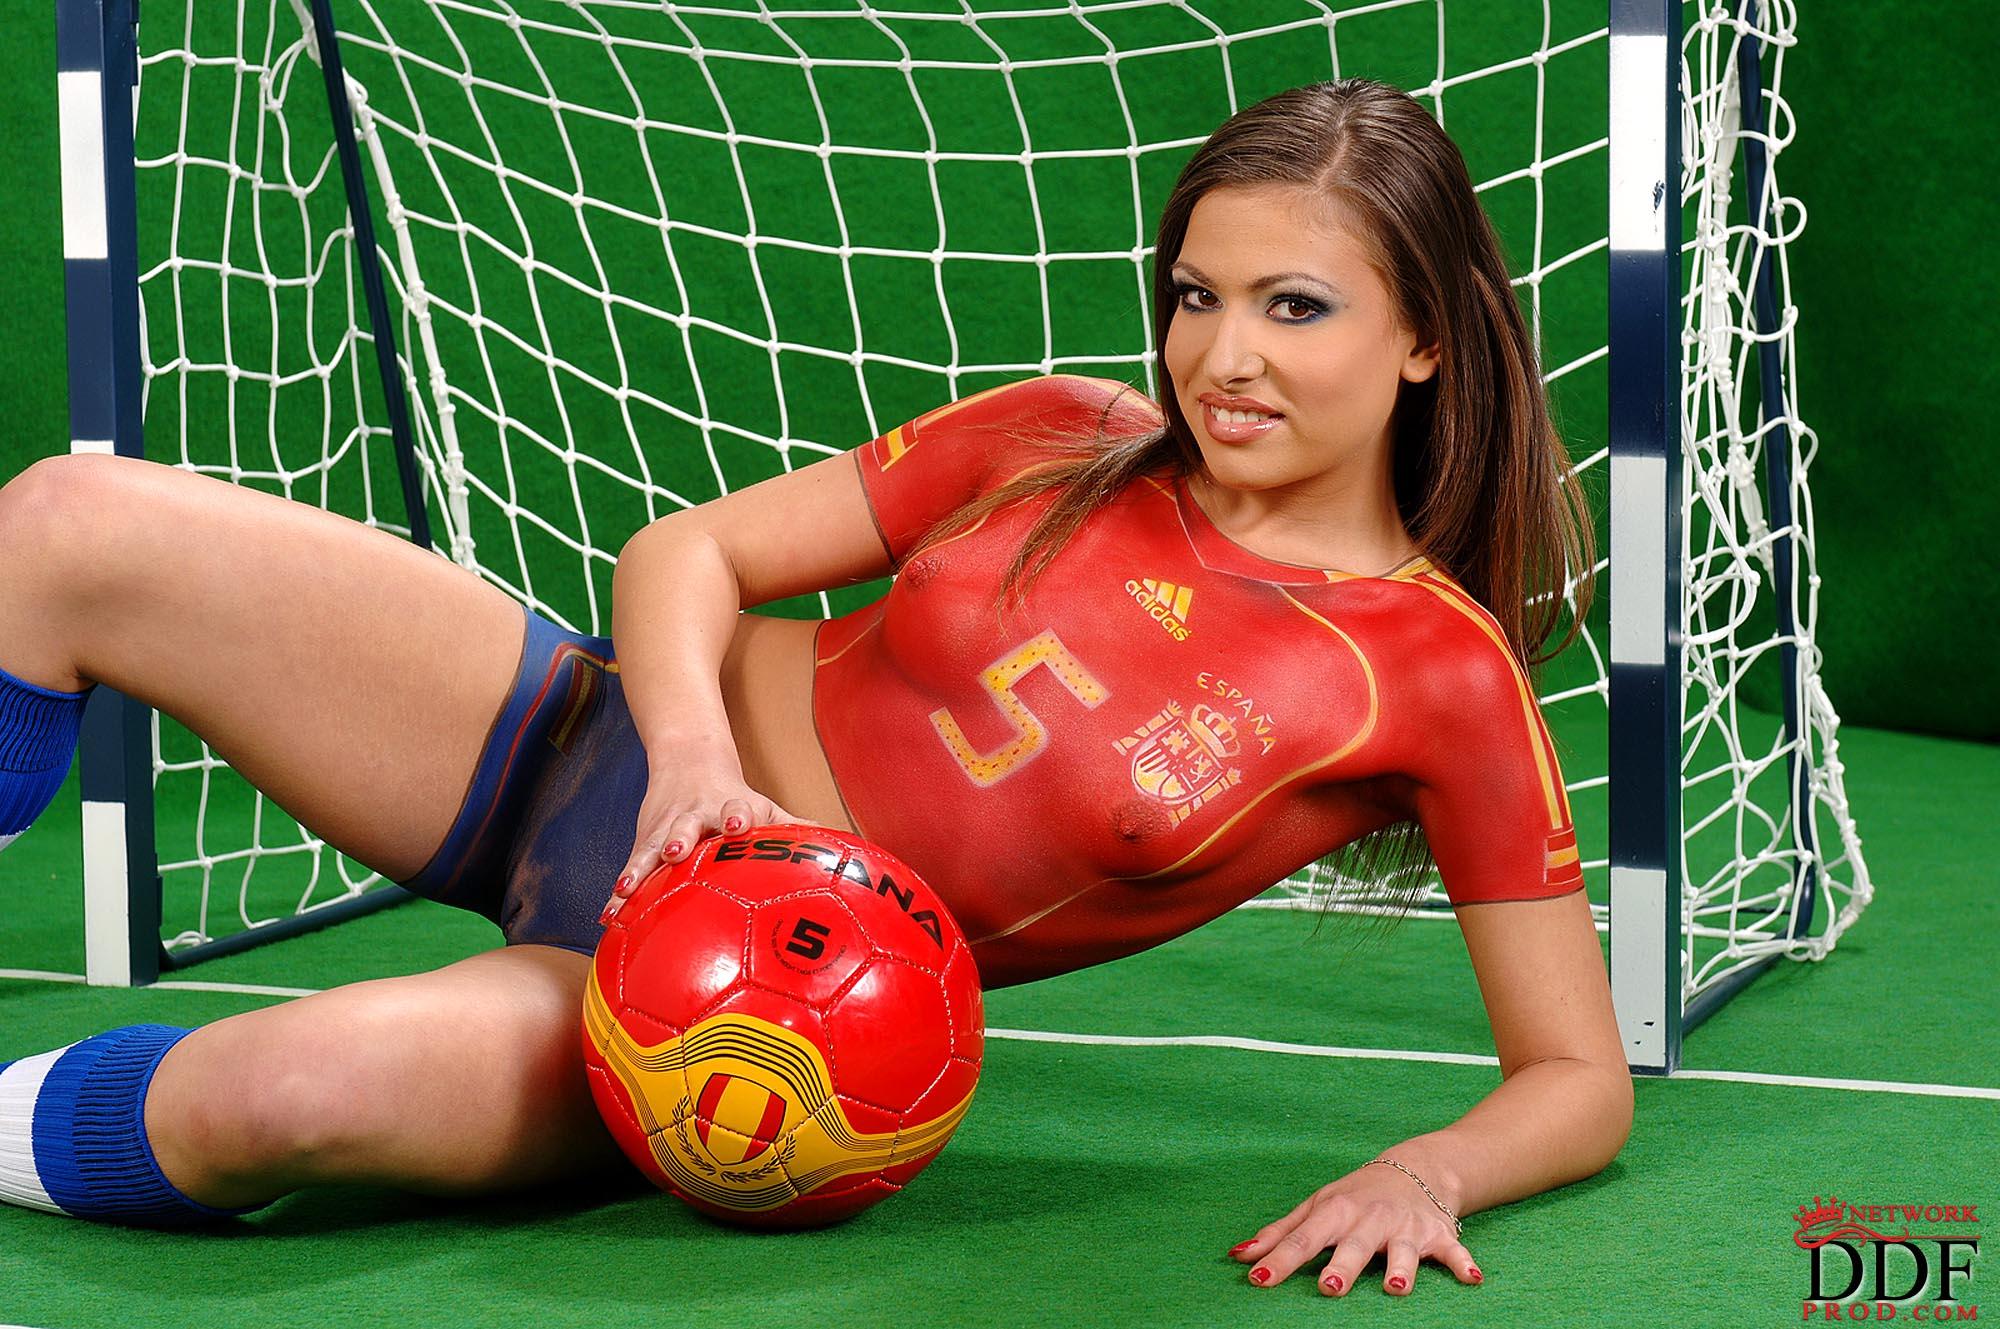 Эротика испания смотреть онлайн 15 фотография